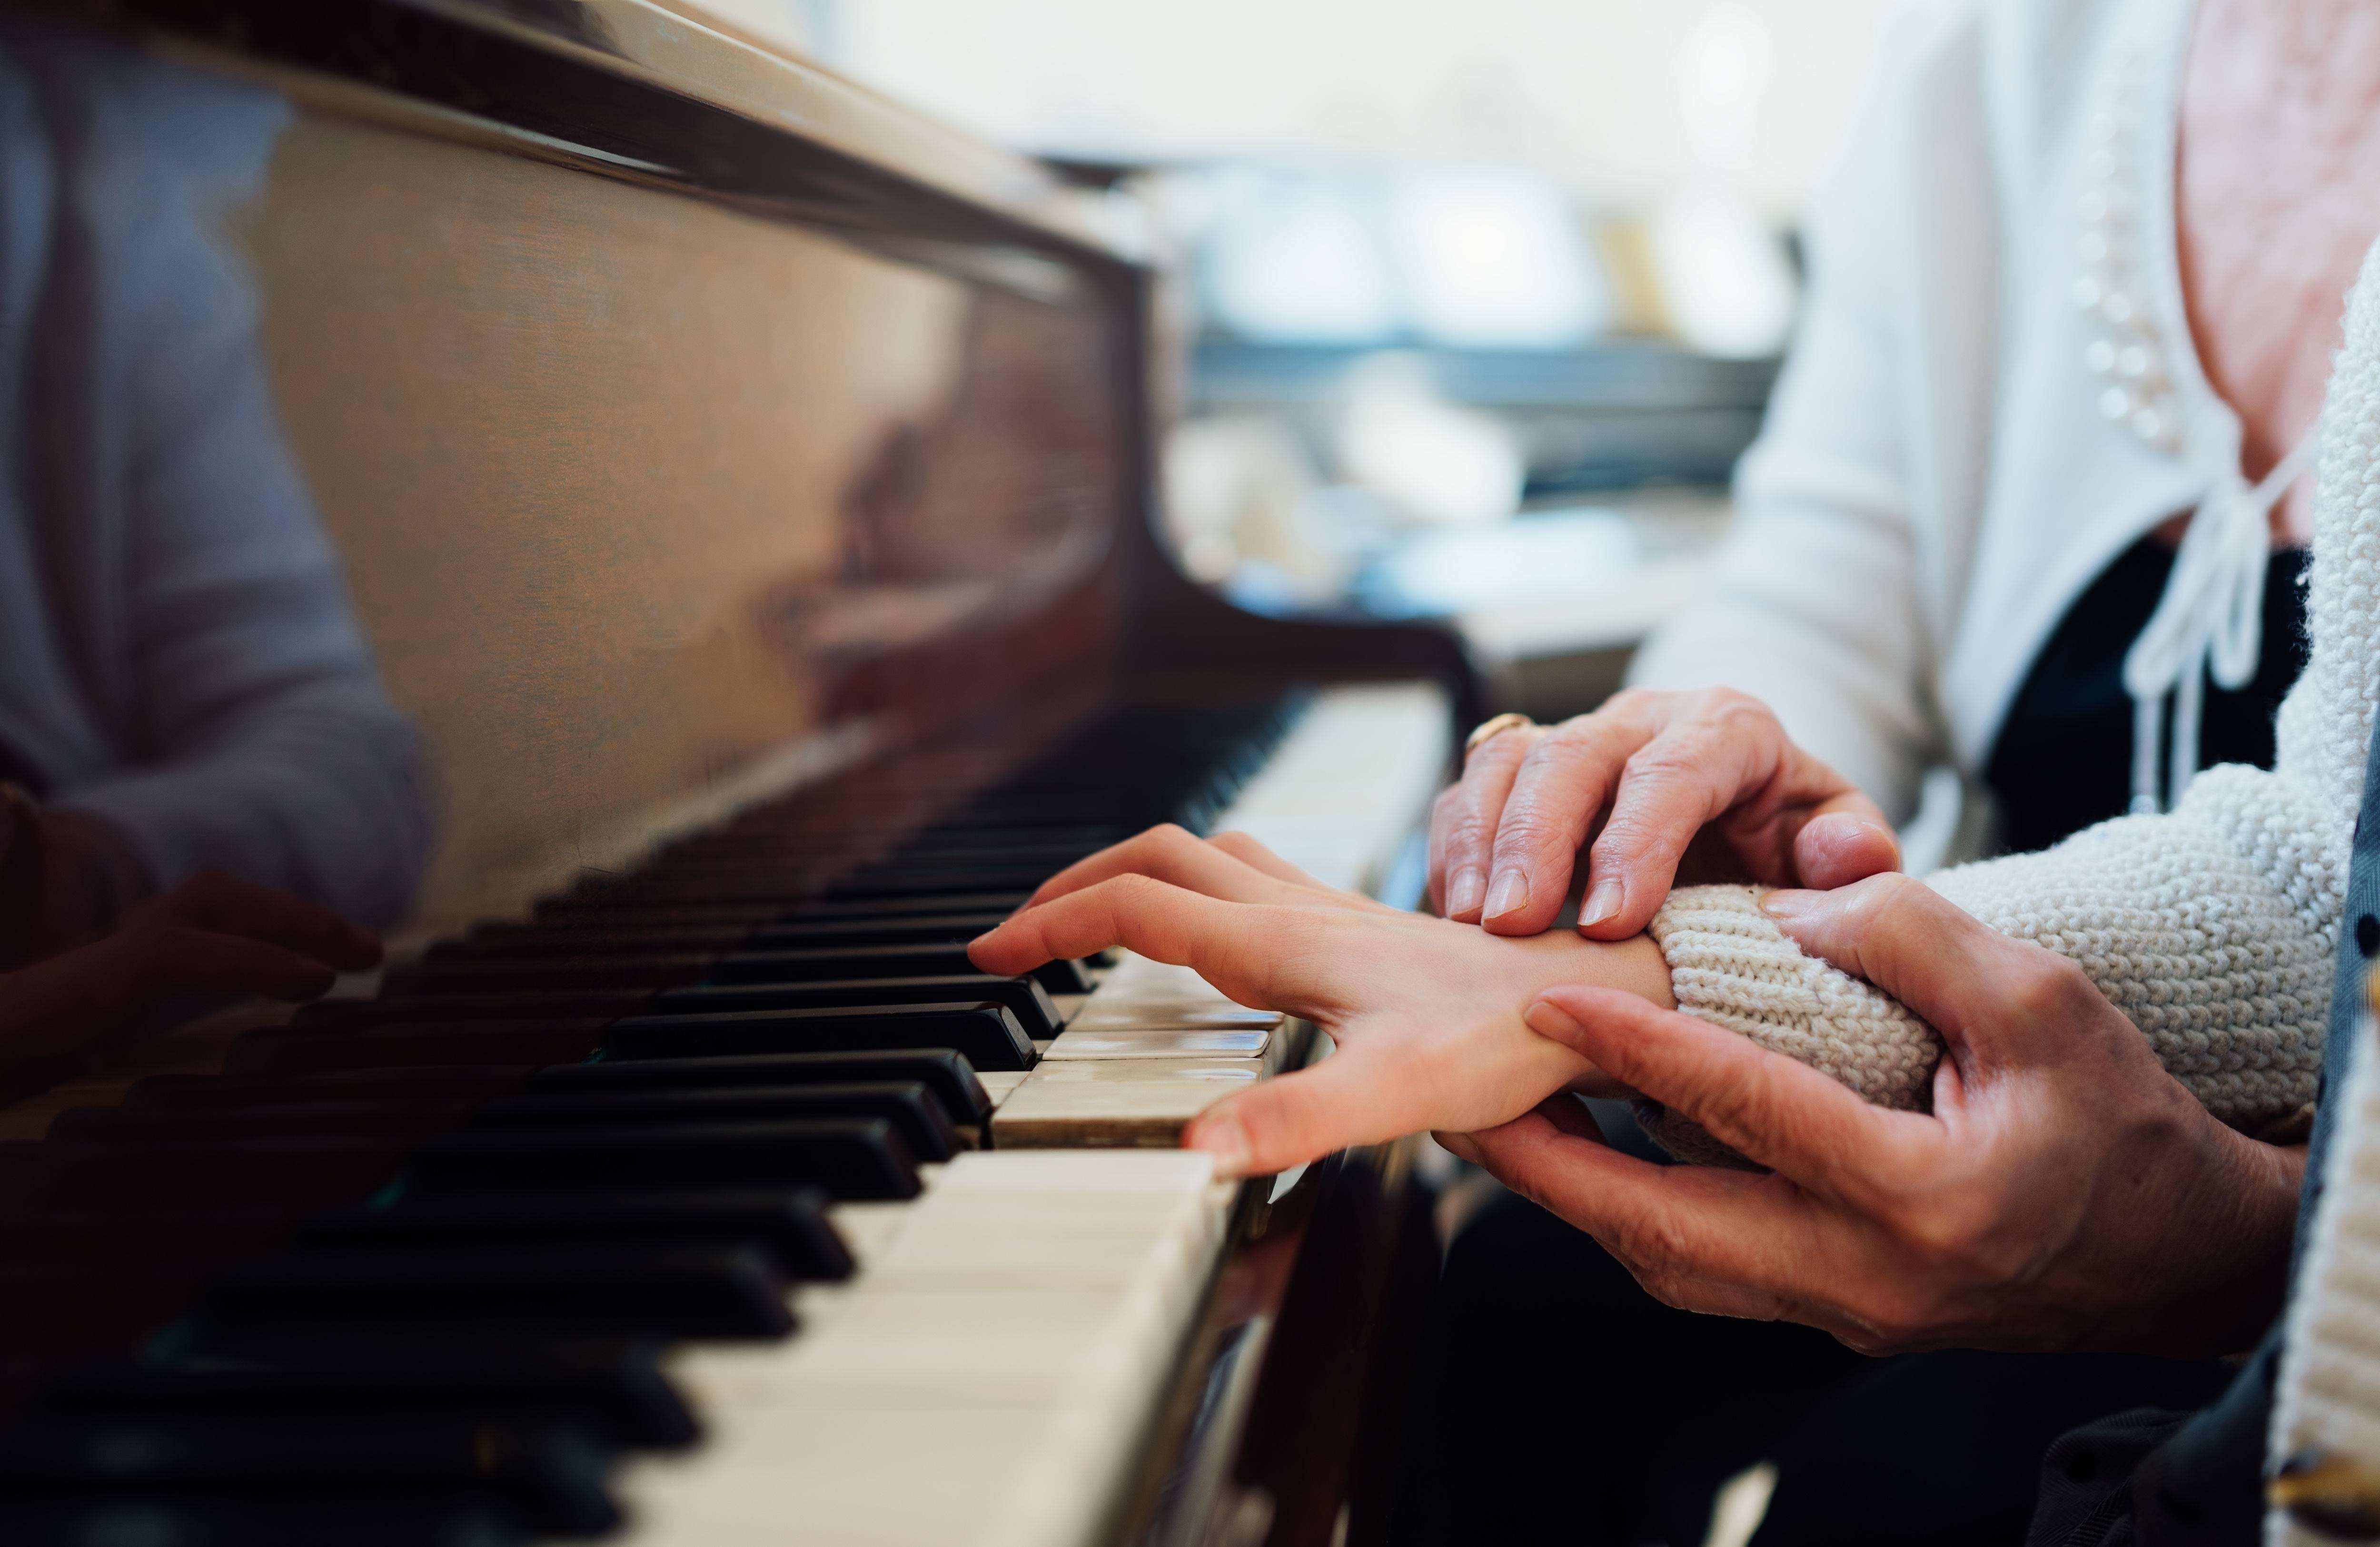 弹钢琴时应该怎样灵活运用手腕